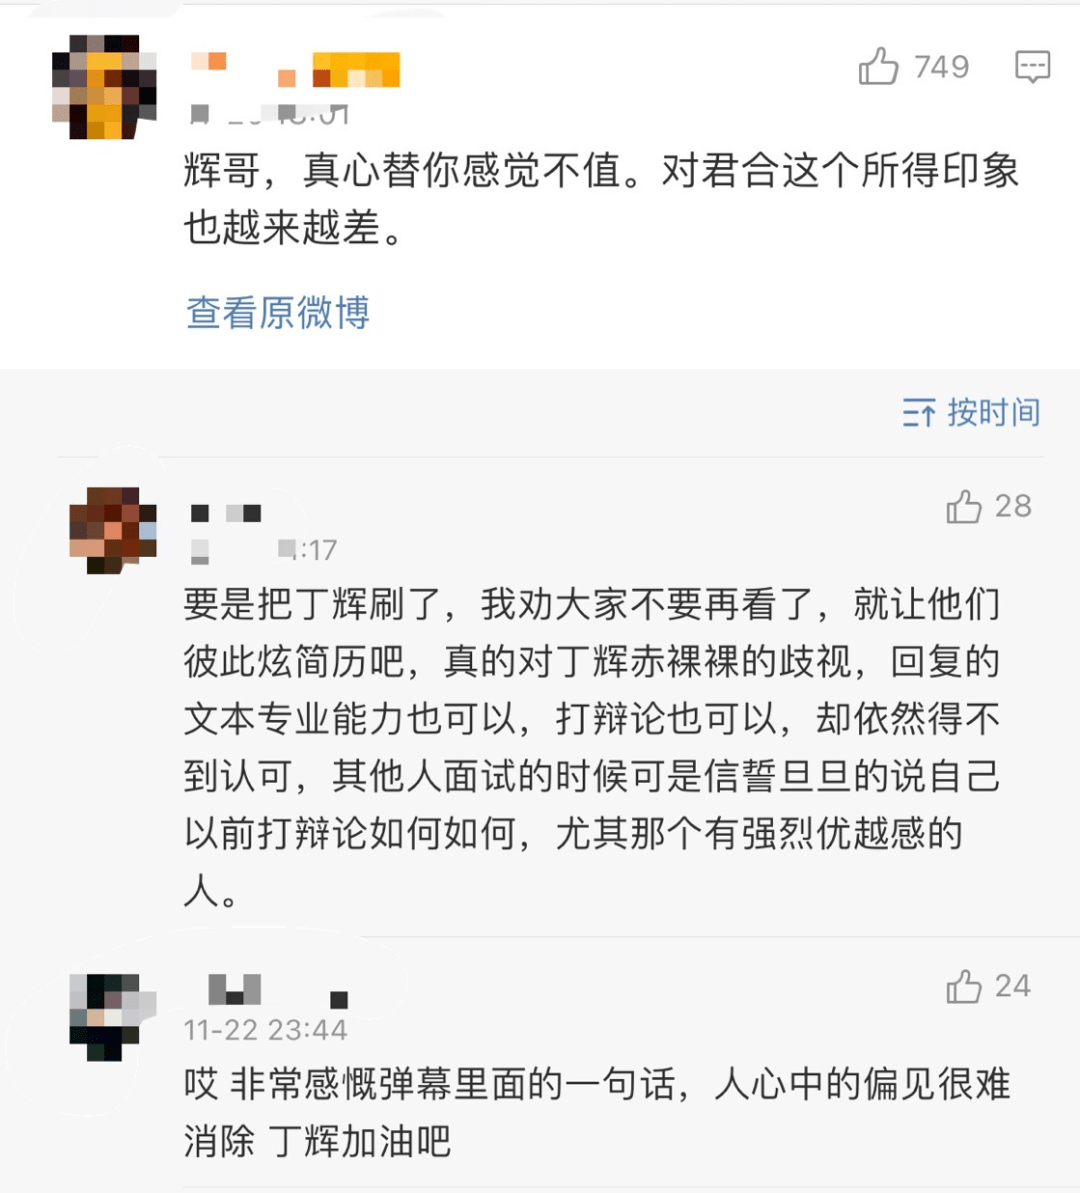 法国两名前特工涉嫌向中国泄露机密被判监禁?外交部回应